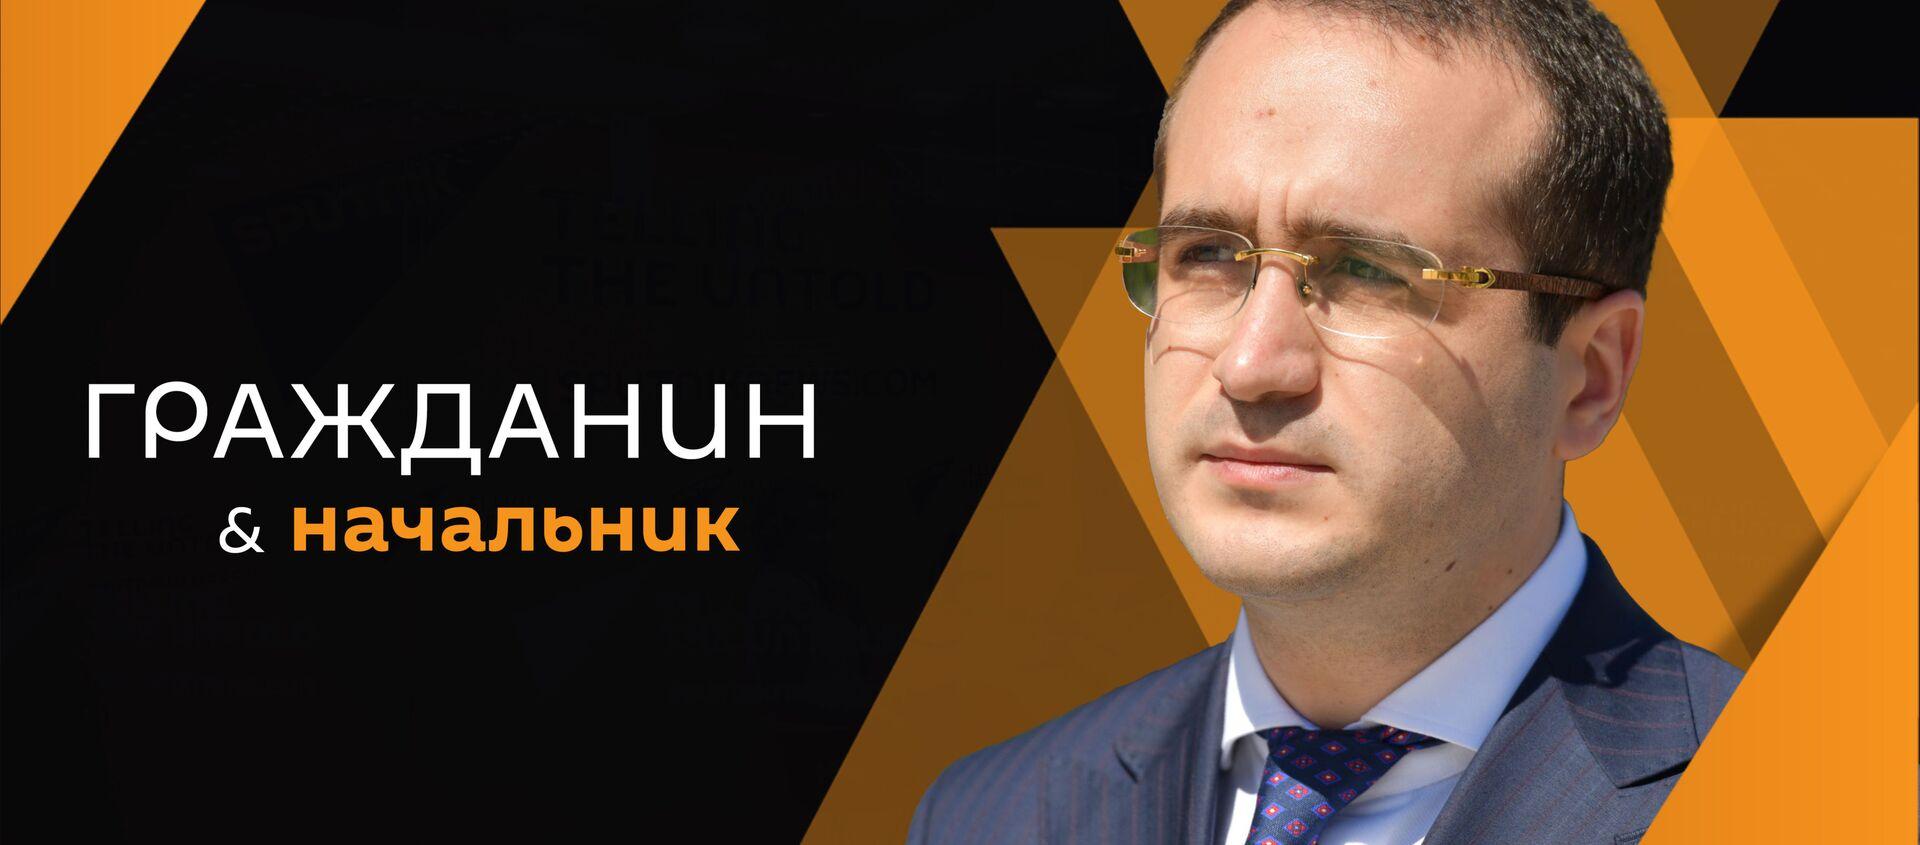 Анри Барциц - Sputnik Абхазия, 1920, 25.05.2021